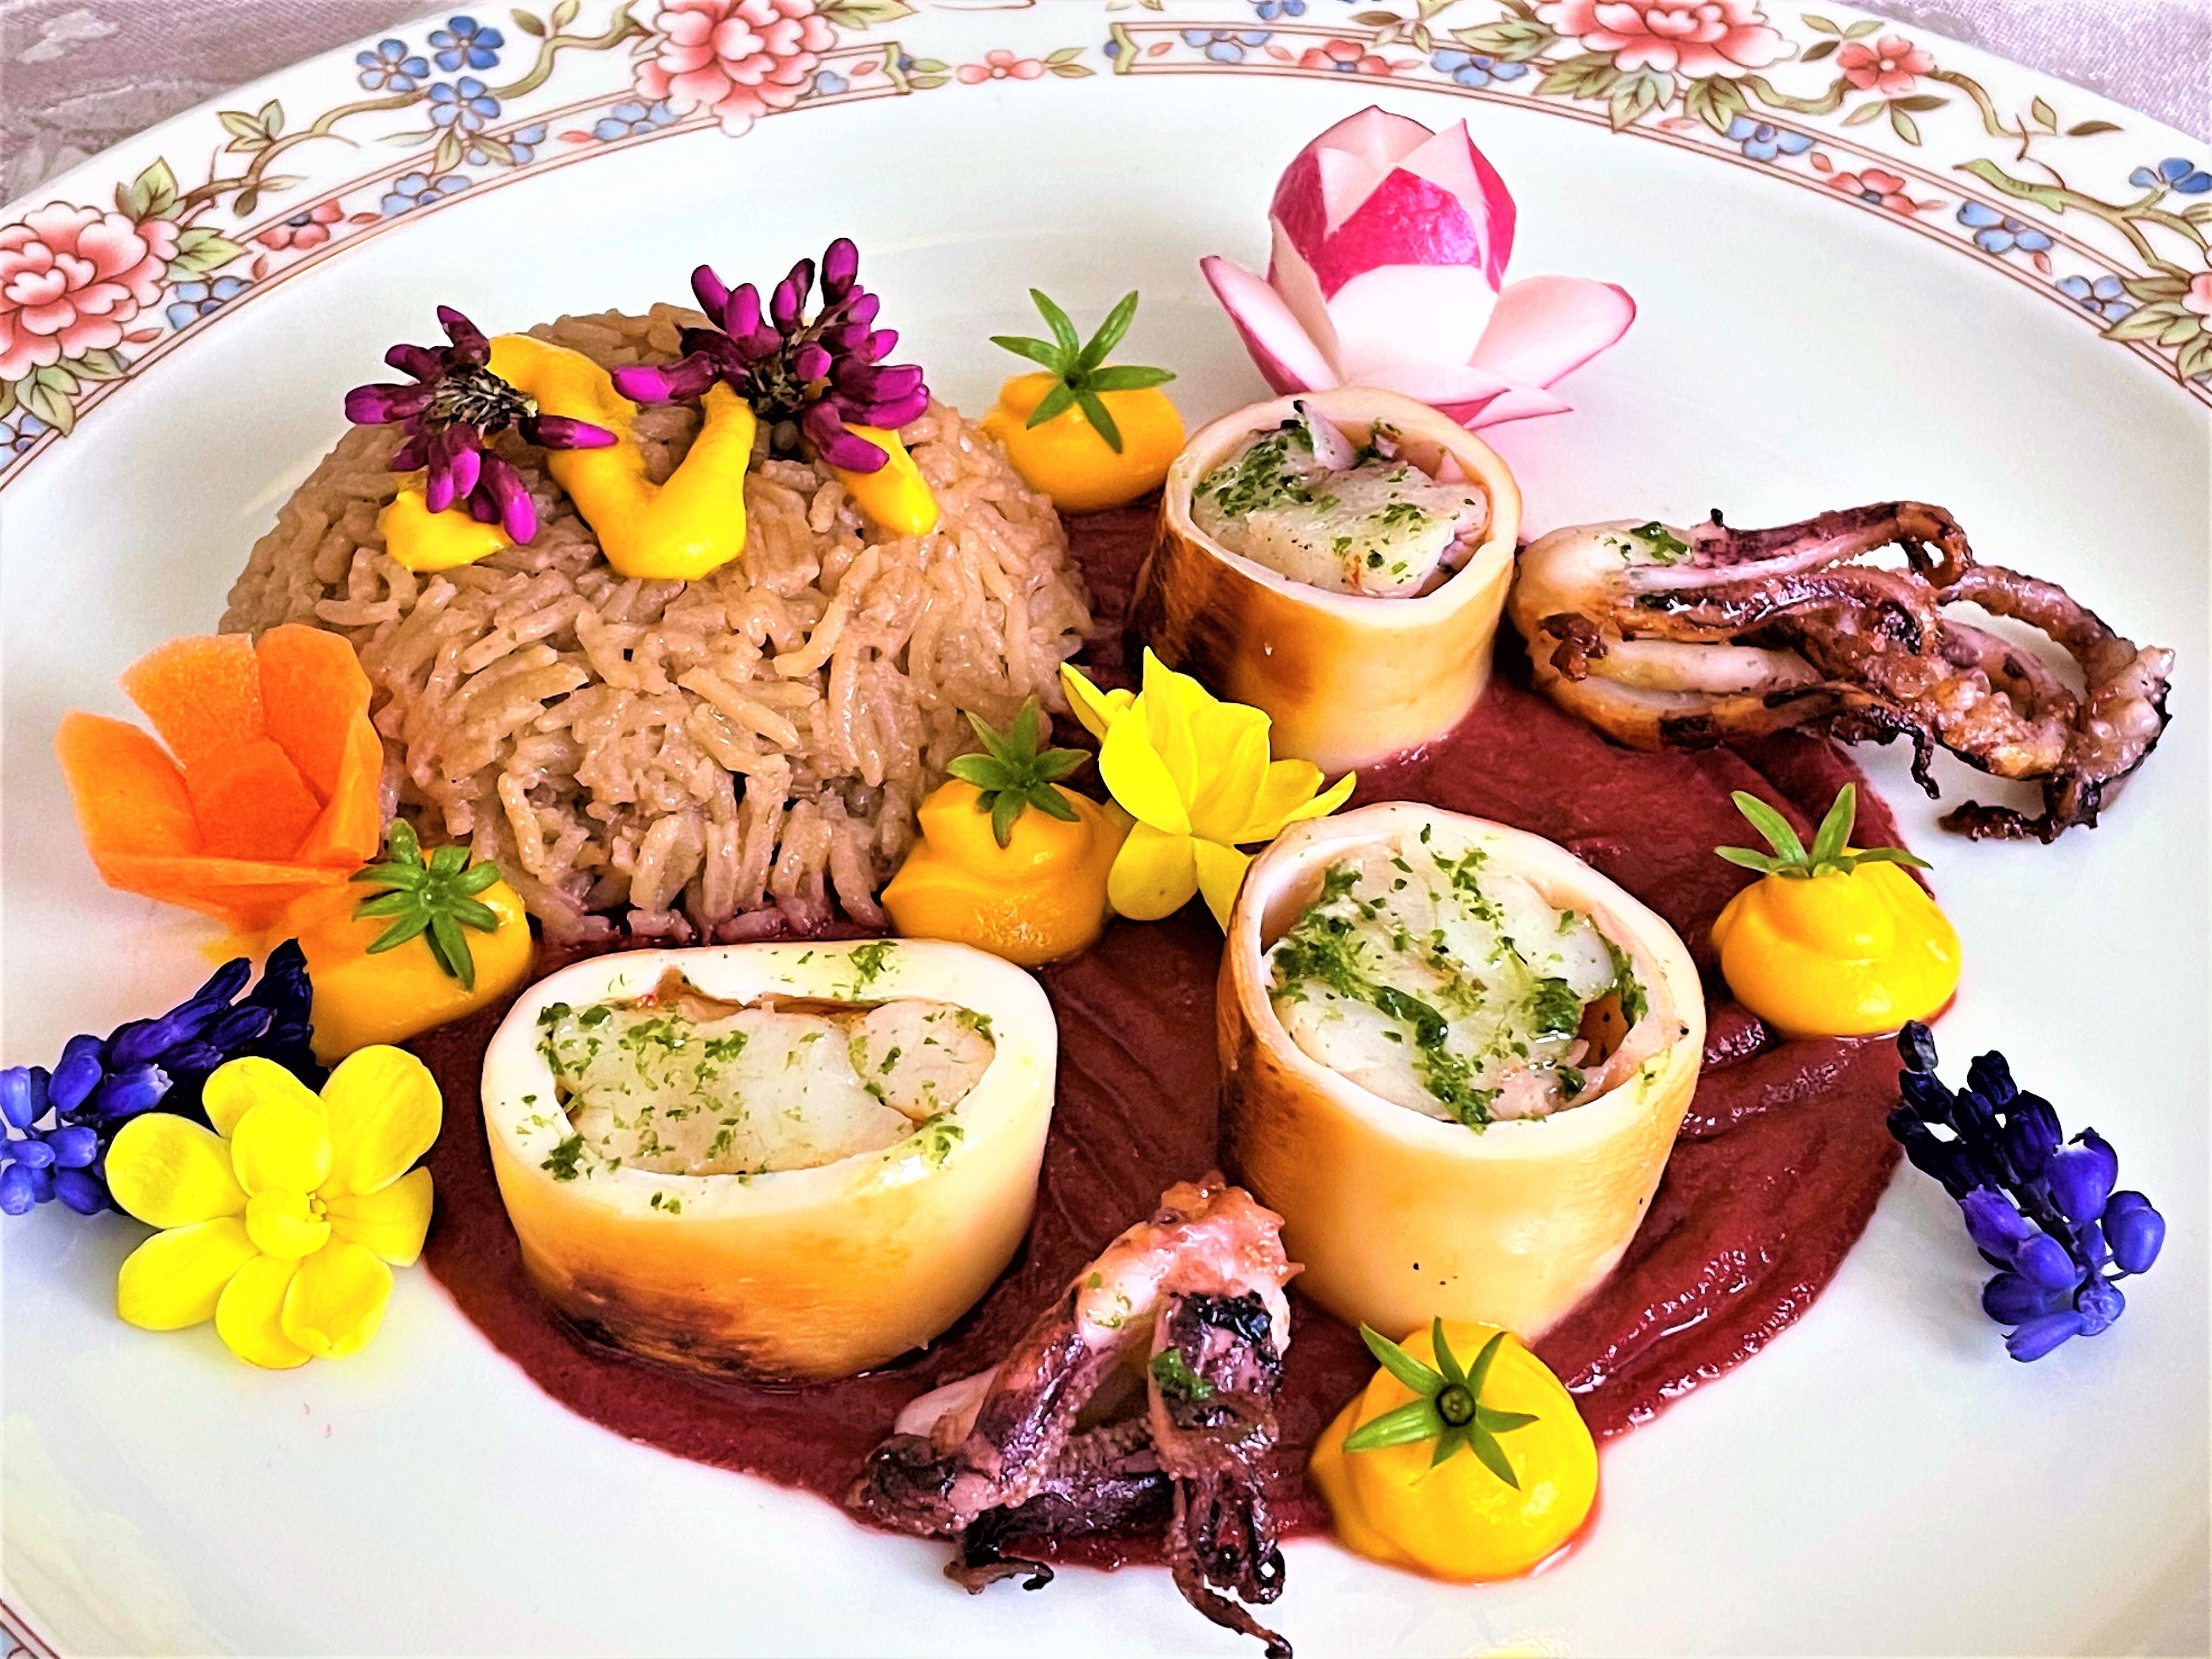 Calamari-ripieni-di-code-di-scampo-con-salsa-di-barbabietola